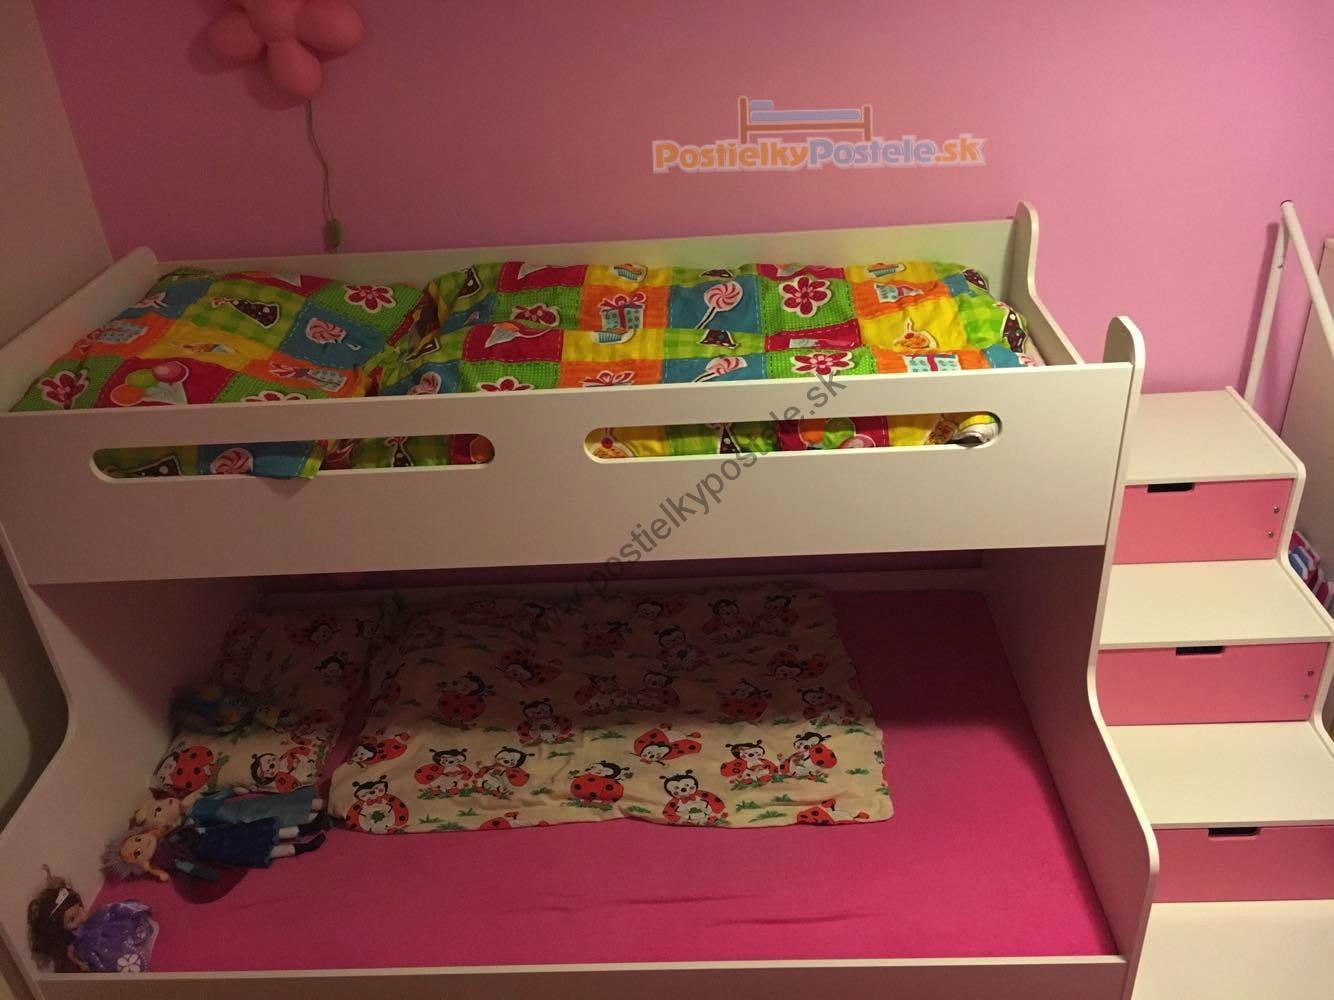 MAX 3 - Poschodová posteľ rozšírená - 200x120cm - Biely - Ružový ... fe56bc03342